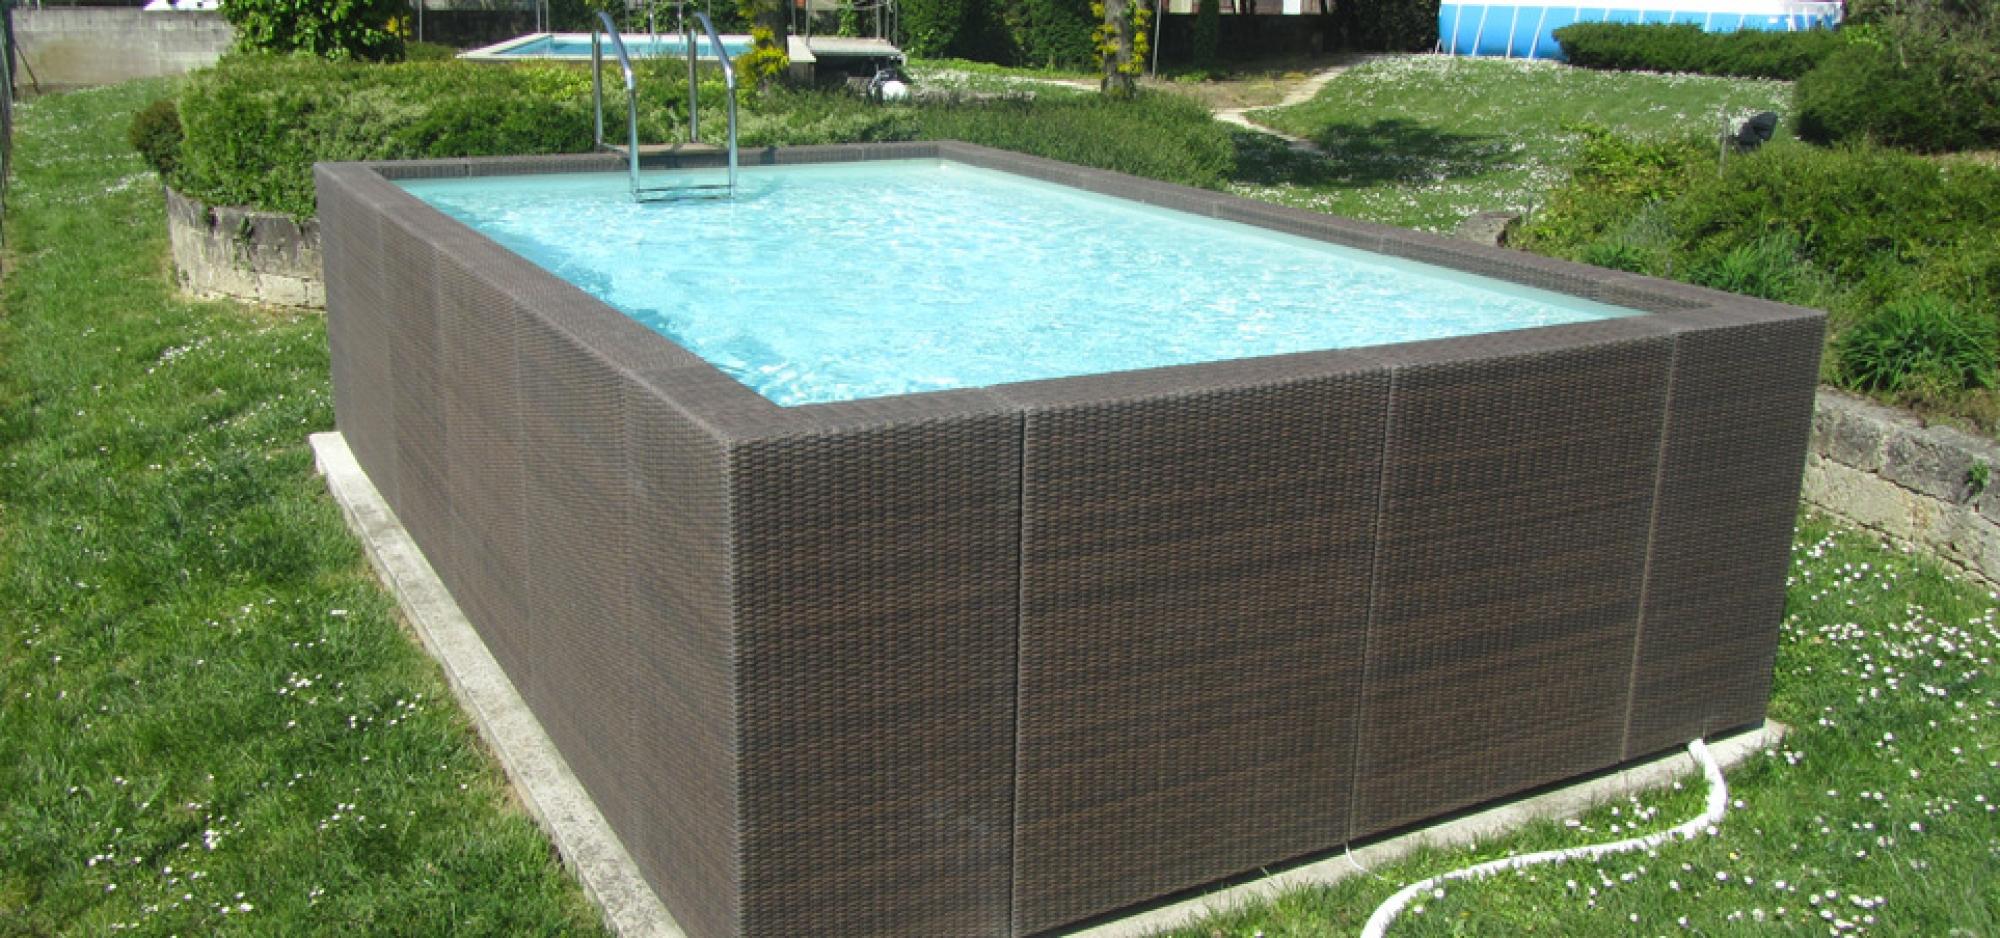 Dolce Vita Diva, Aquarev'piscines Choisit L'élégance Pour ... avec Piscine Hors Sol Composite